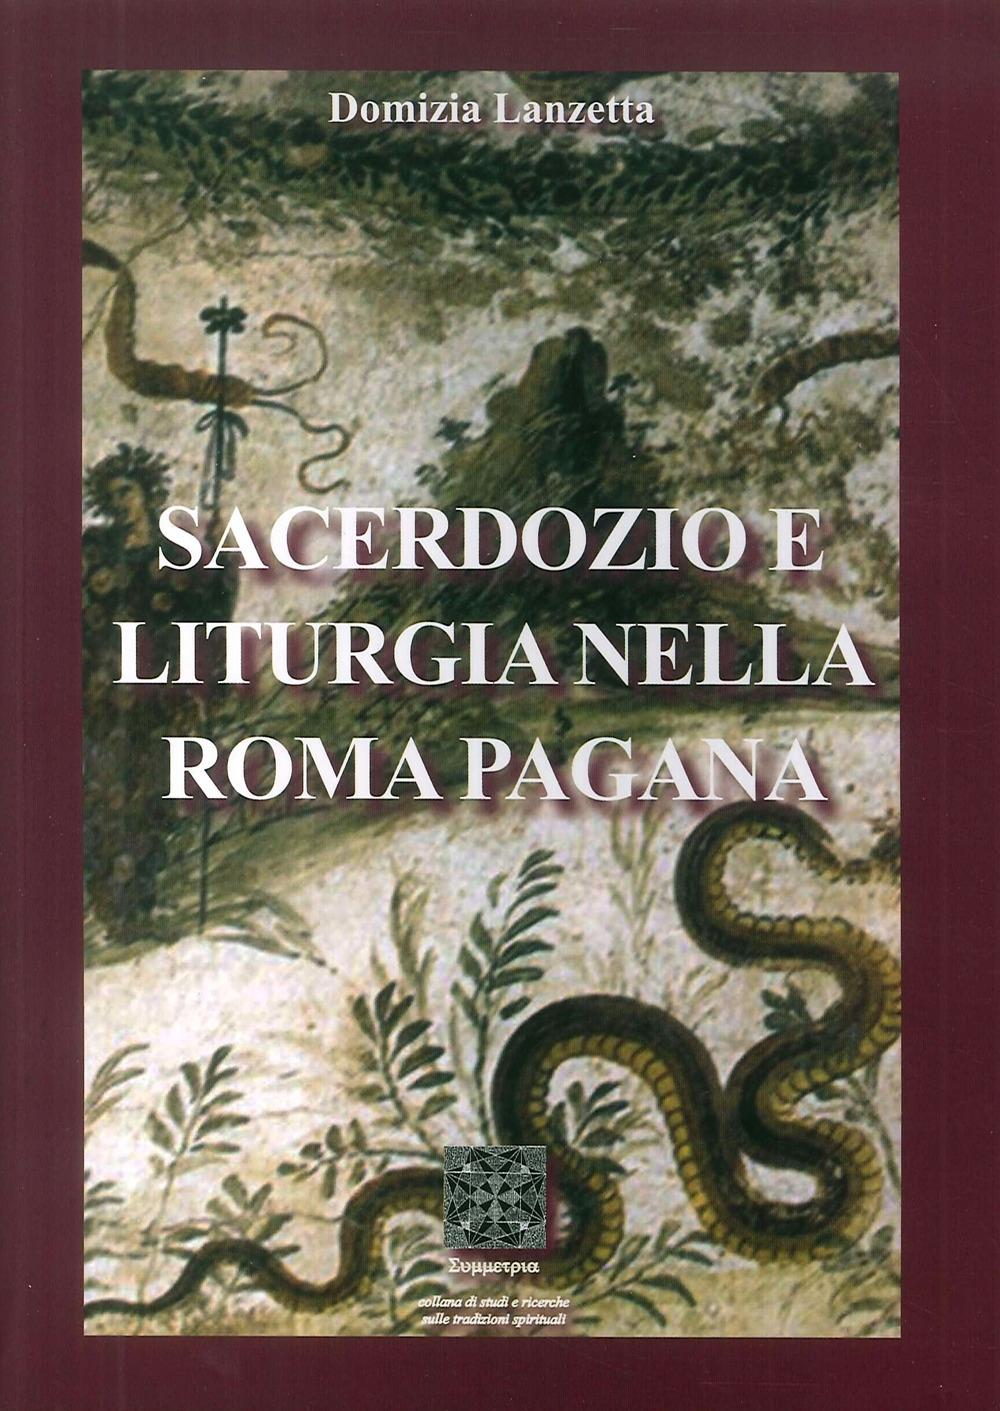 Sacerdozio e liturgia nella Roma pagana.